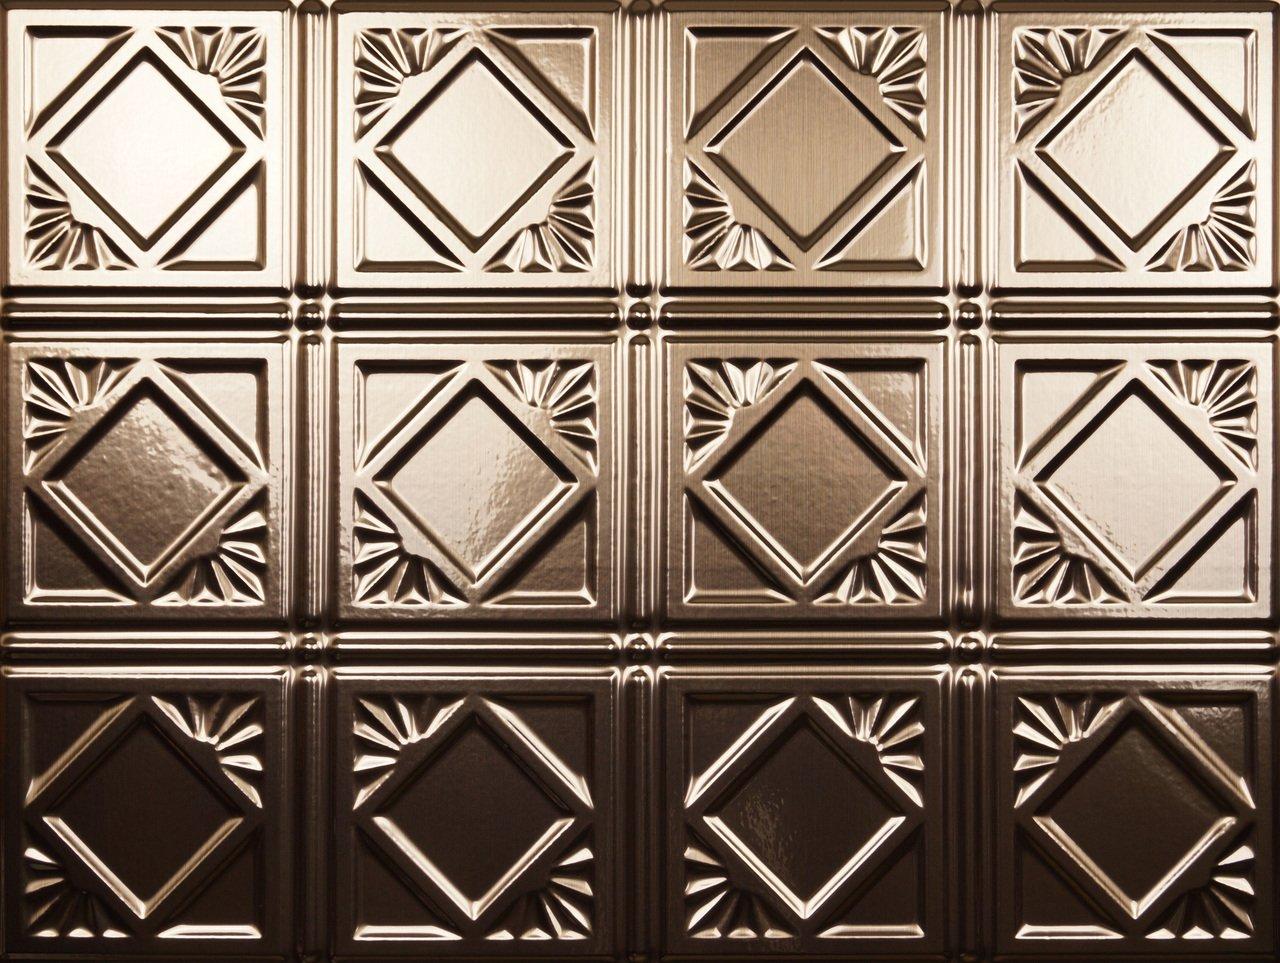 Backsplash Tile Charleston Brushed Copper